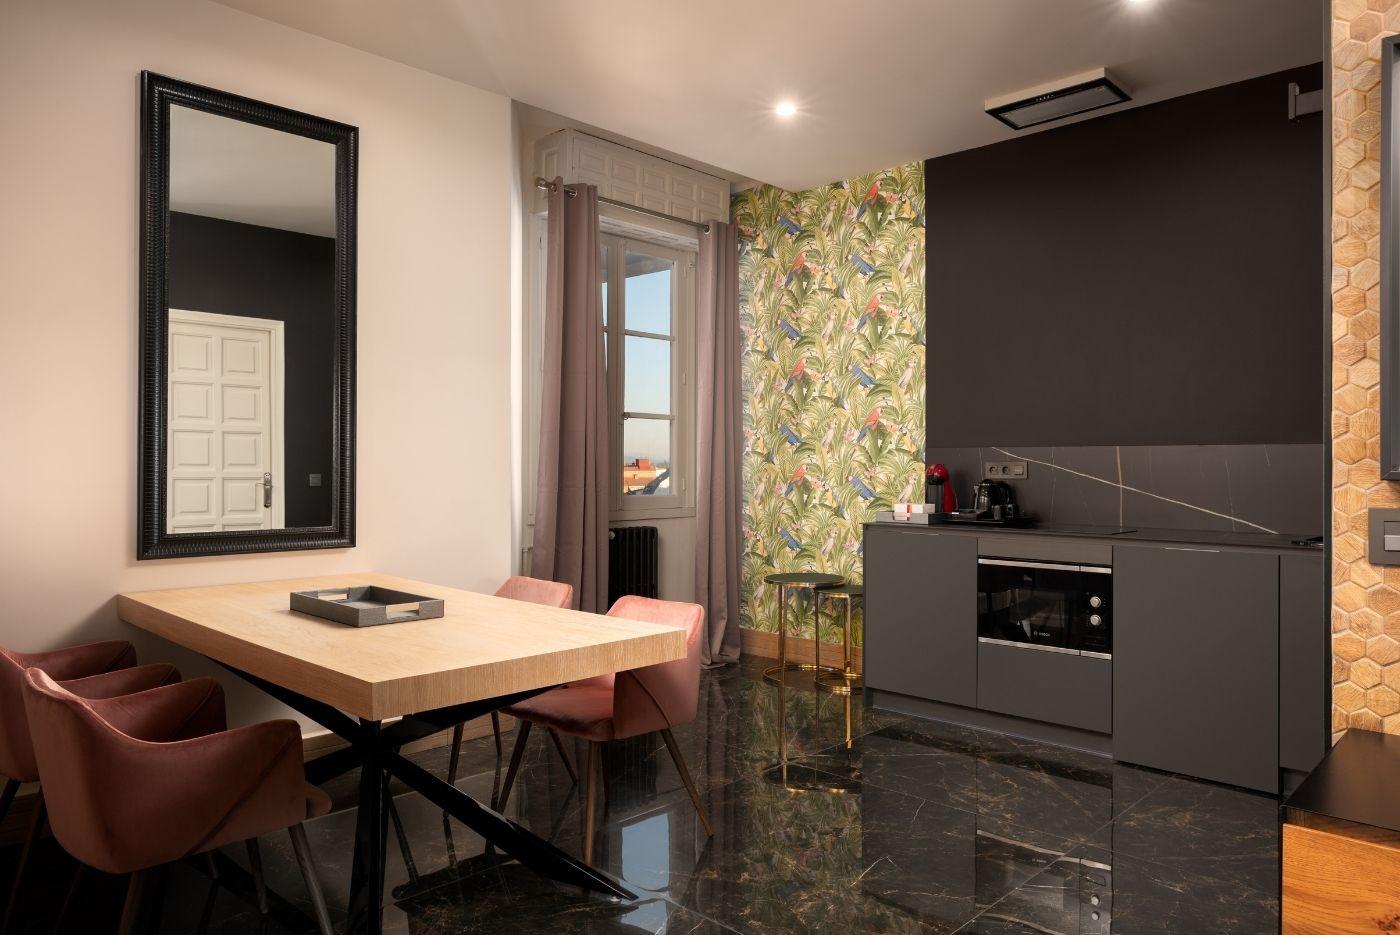 Apartamento-Suite-Atico-73-Oviedo-1907-04